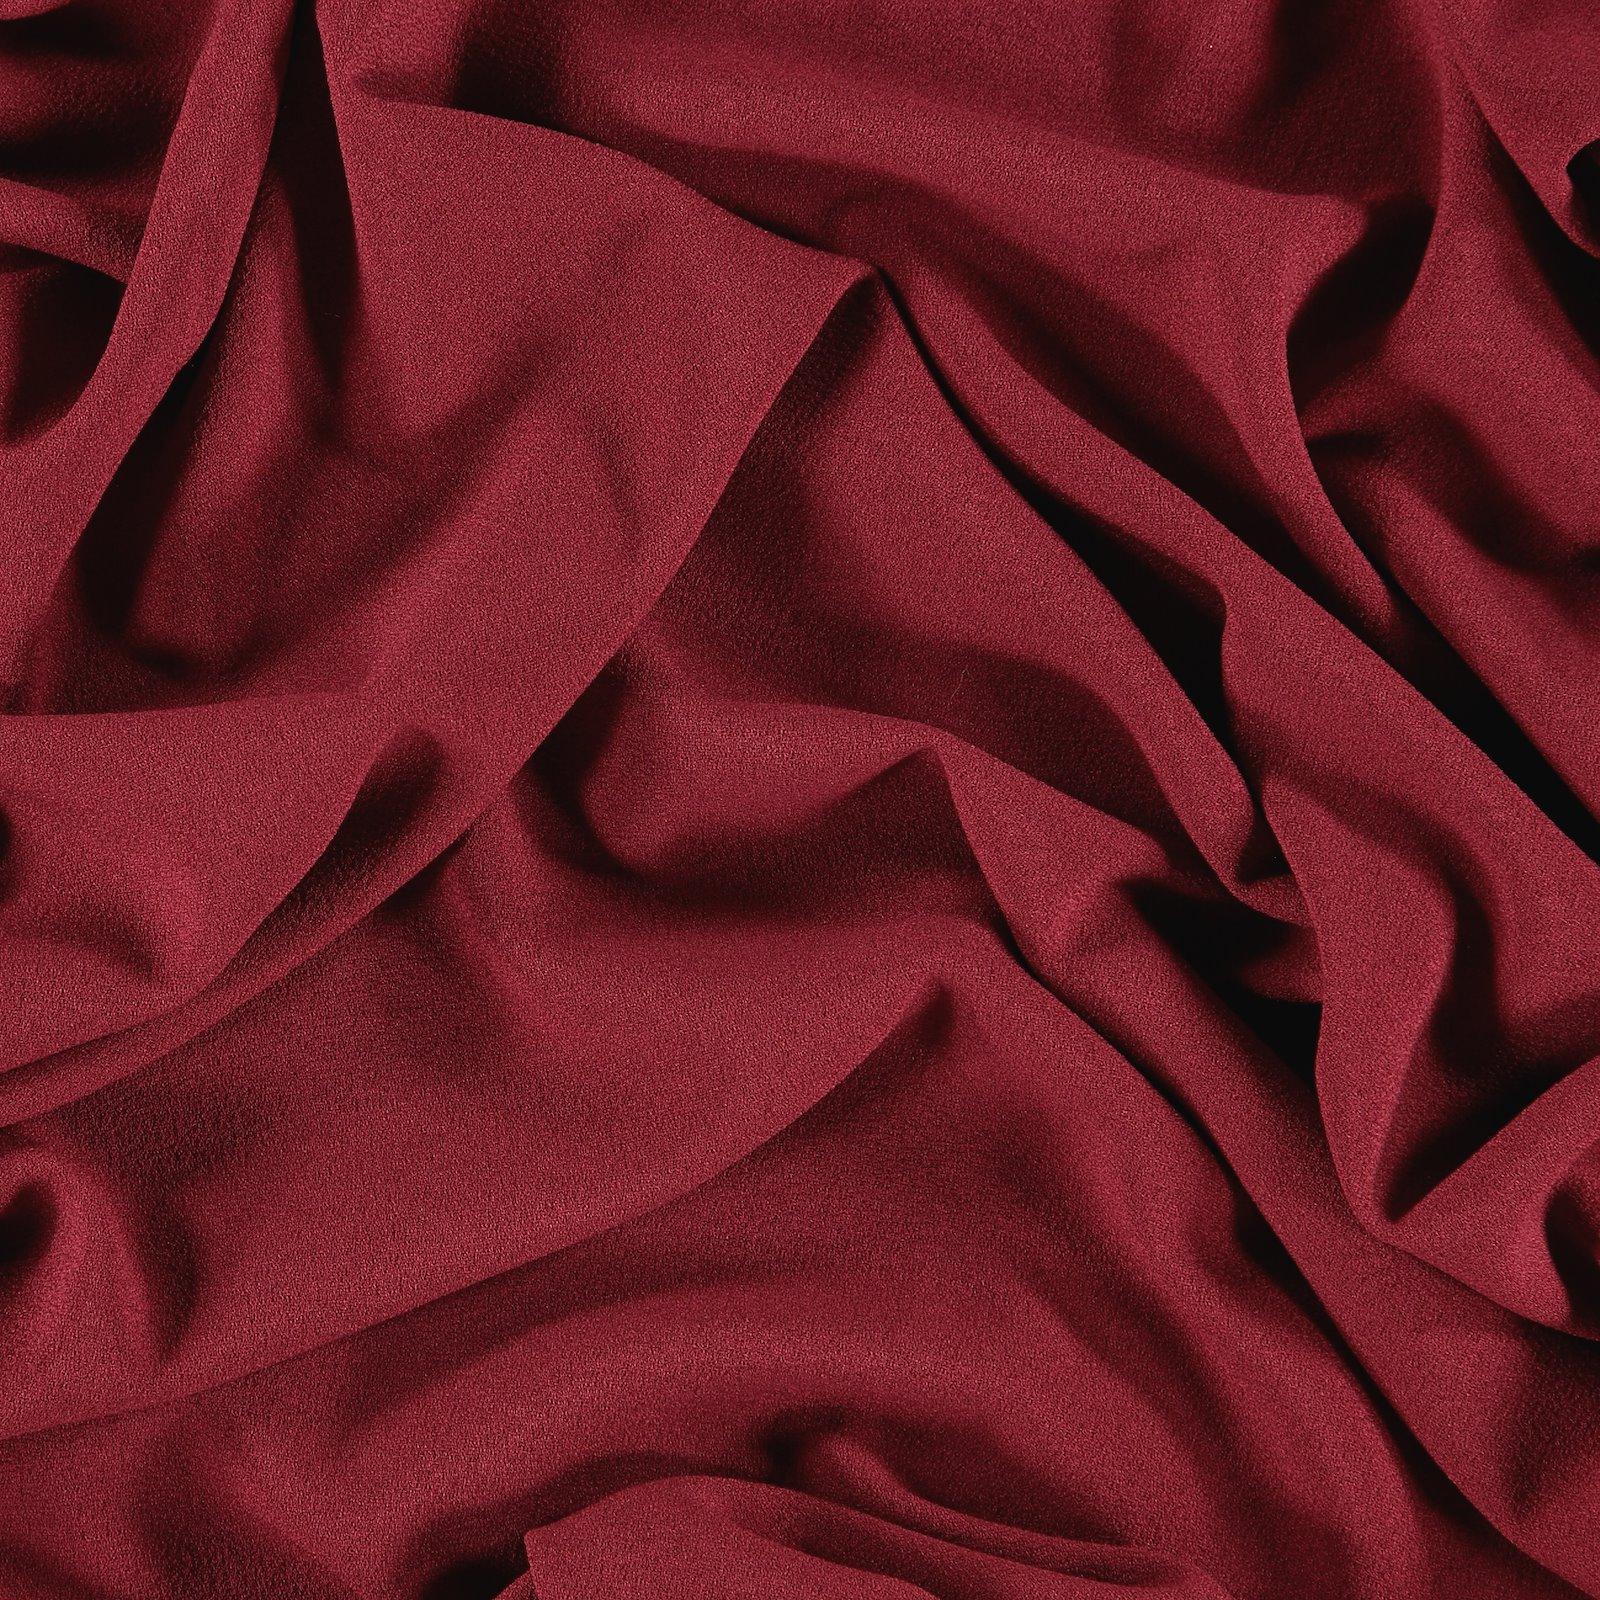 Crepe georgette dark red